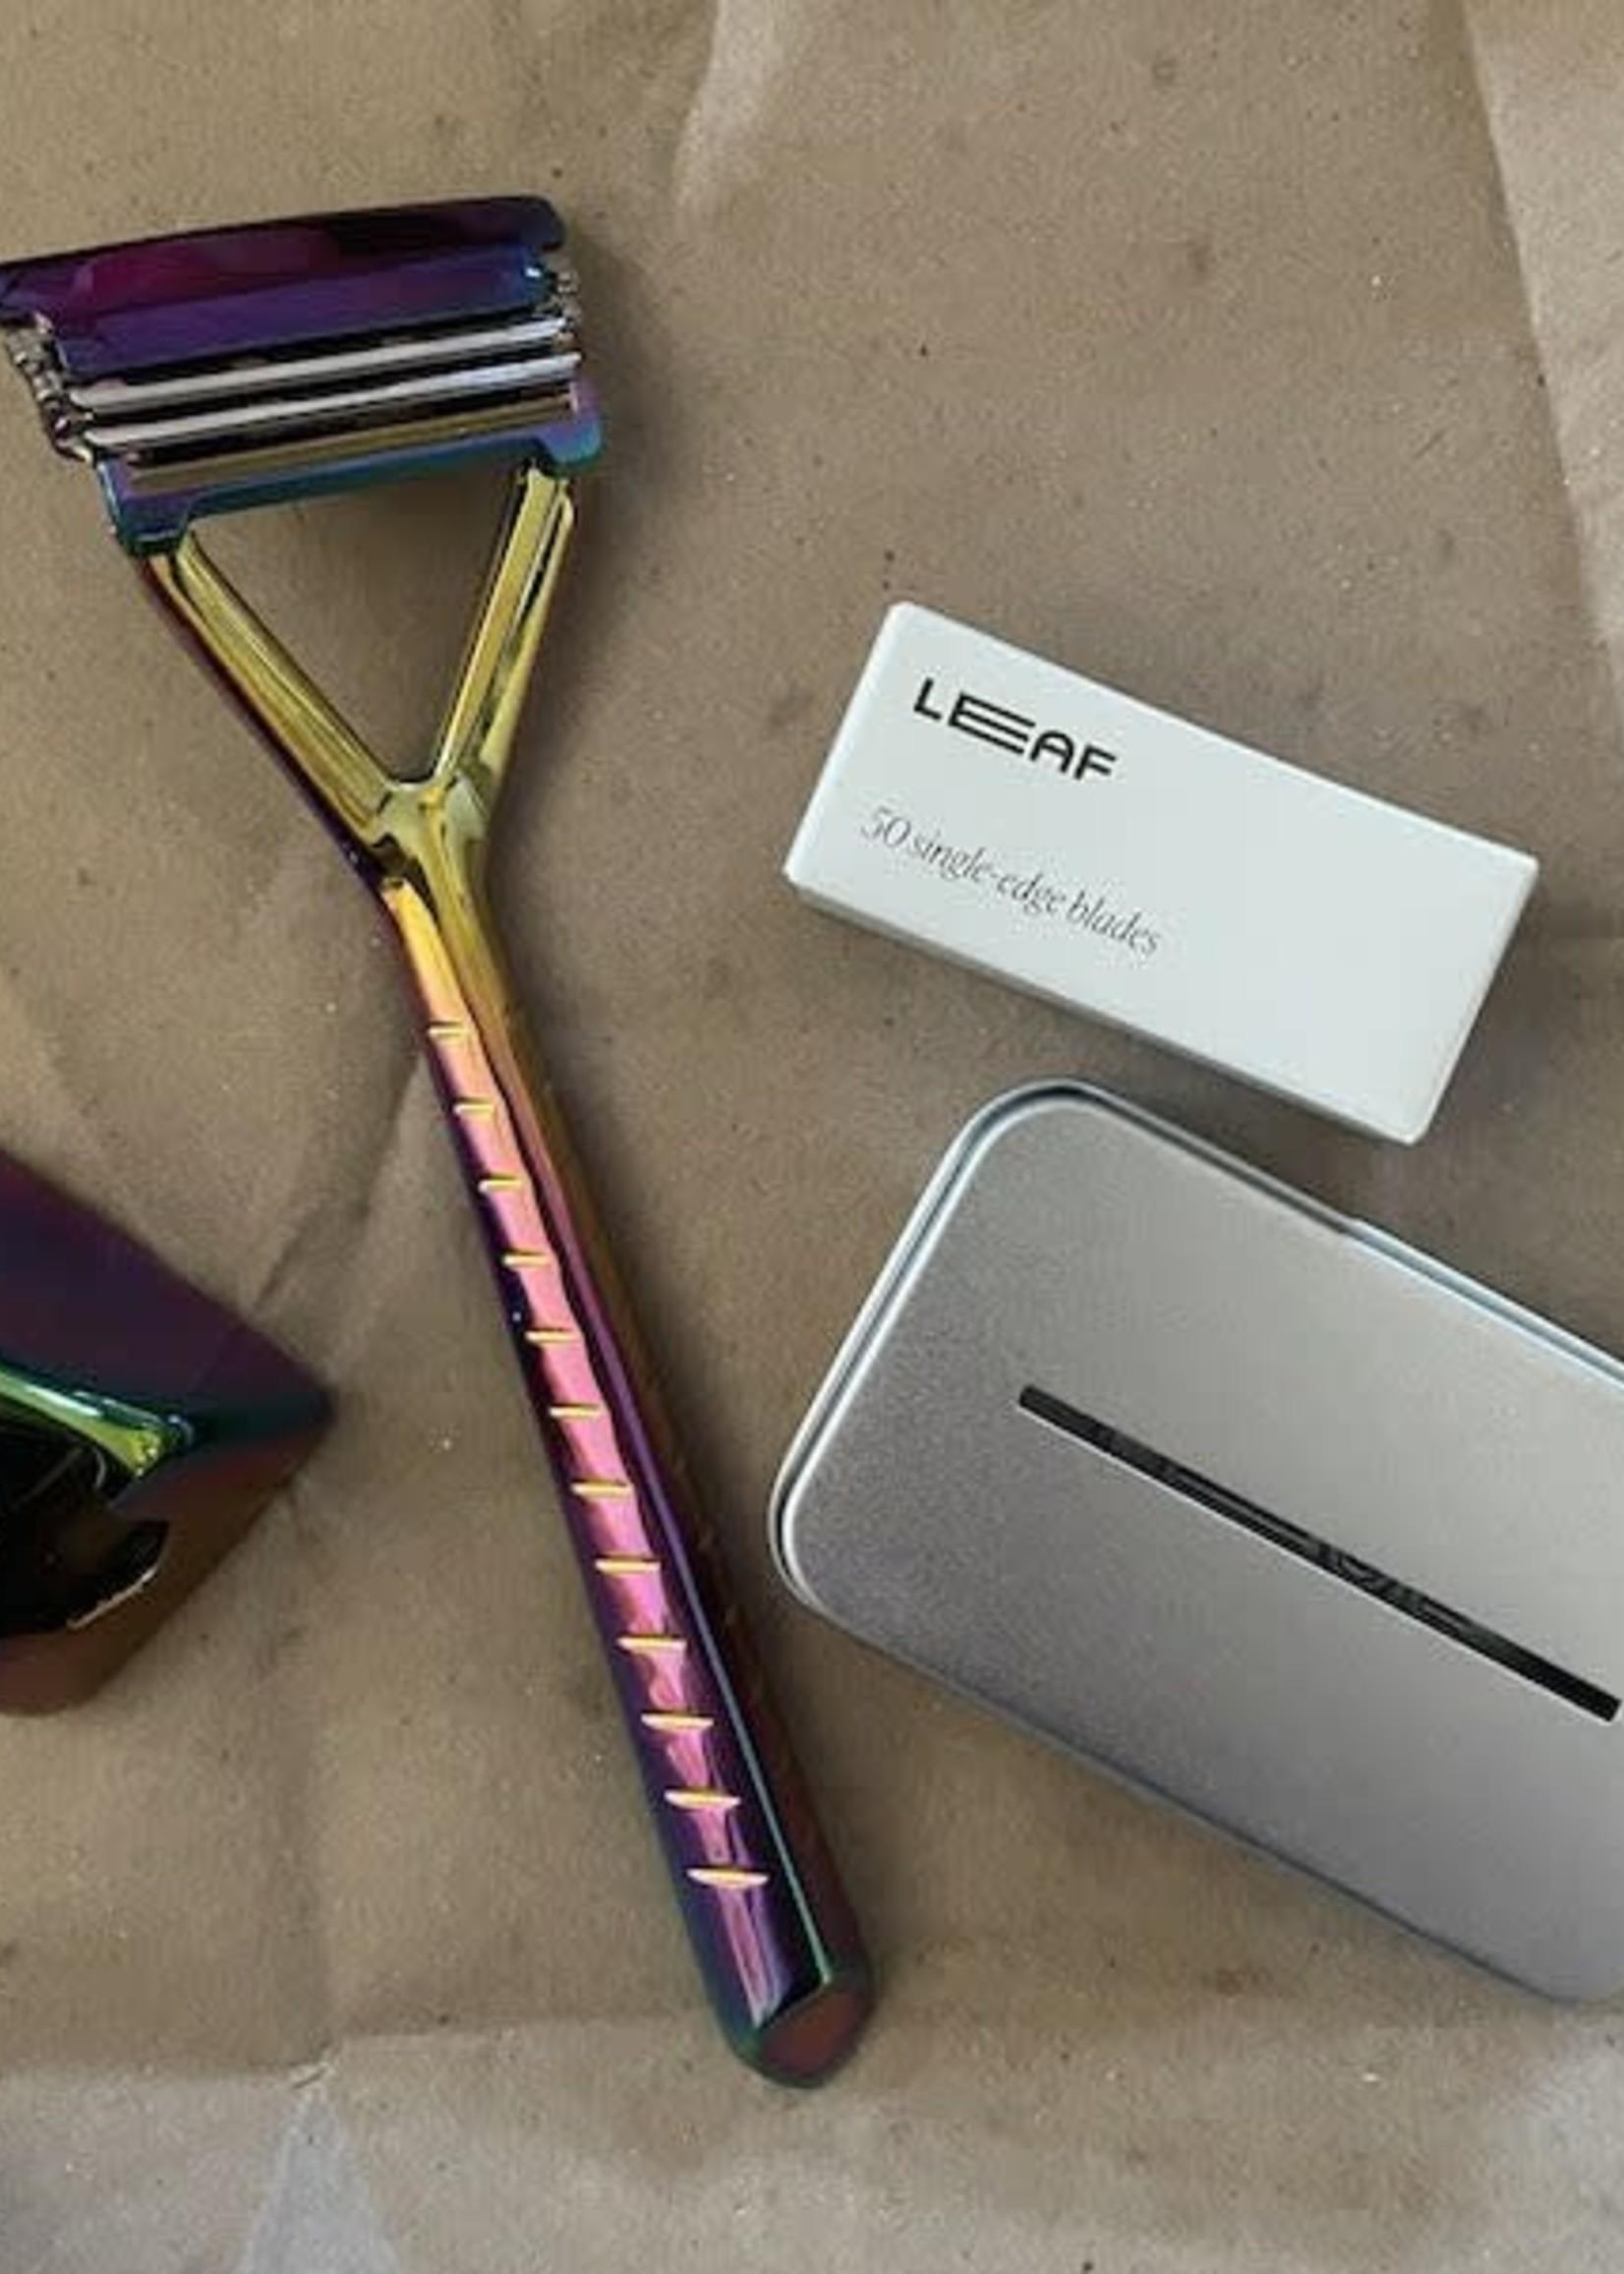 Leaf Shave Leaf Classic Prism